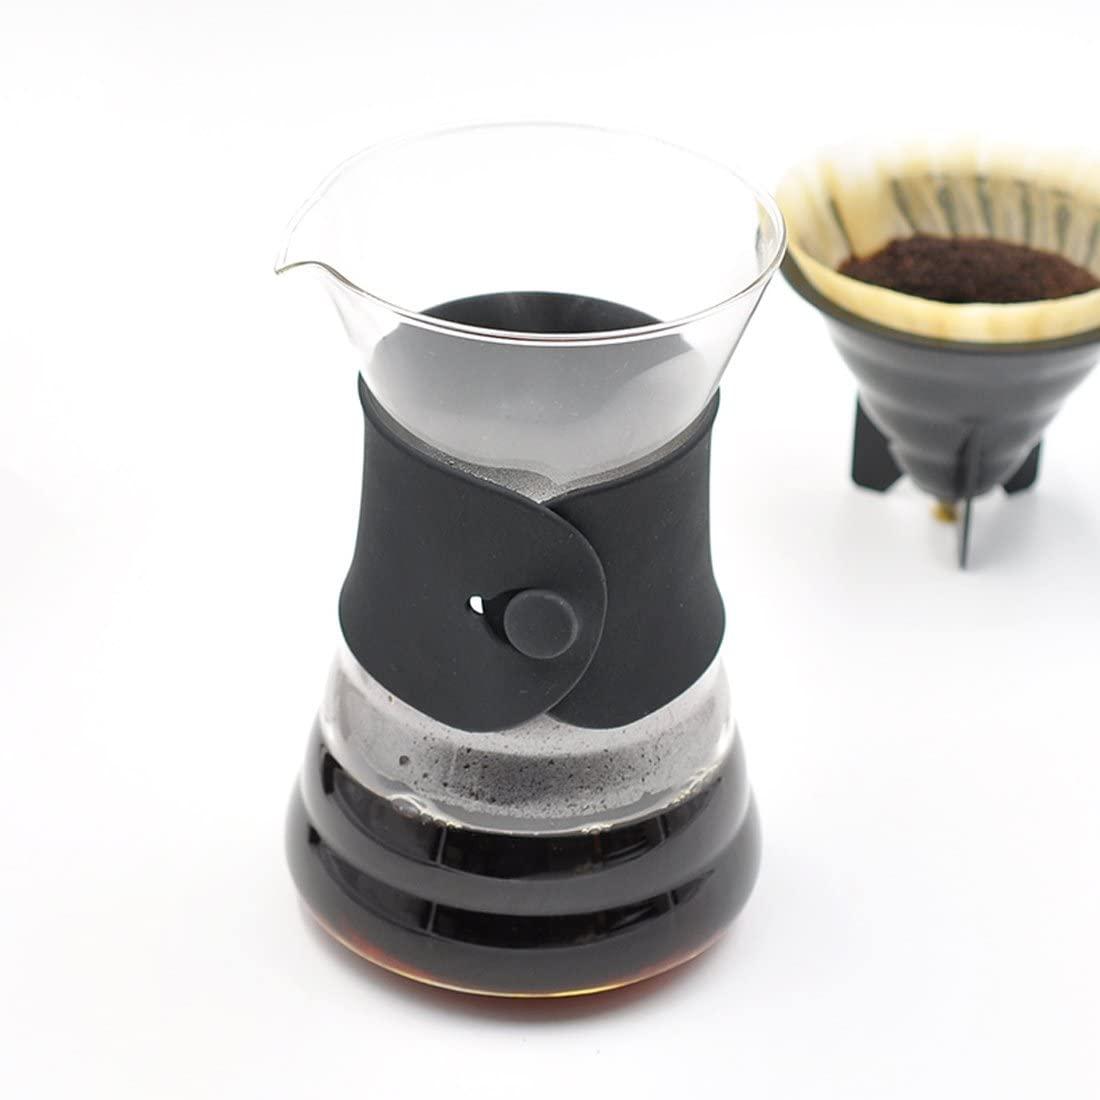 HARIO(ハリオ) V60ドリップデカンタ VDD-02Bの商品画像3